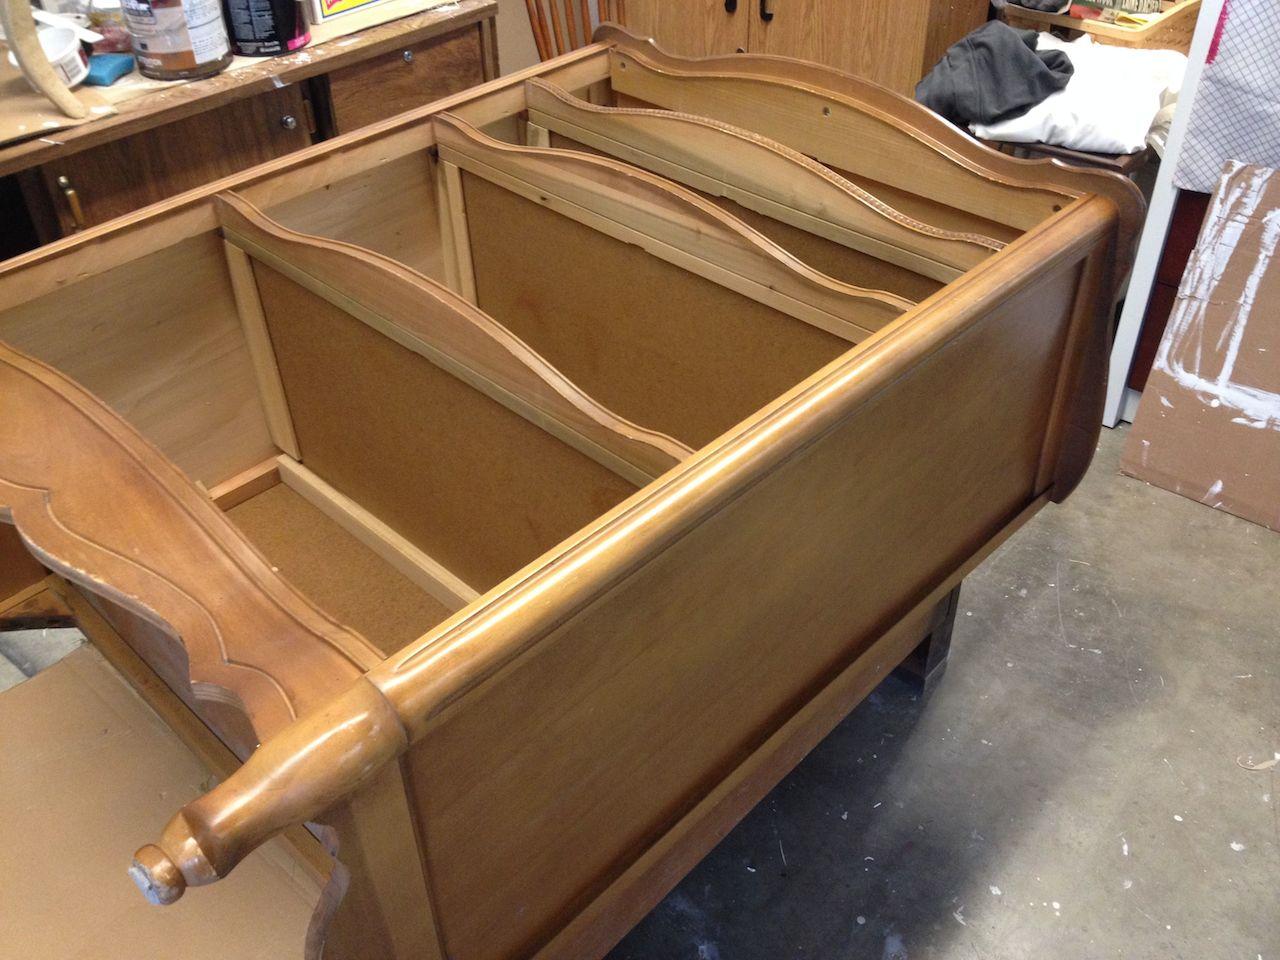 Comment peindre un meuble d conome for Lasurer un meuble en bois